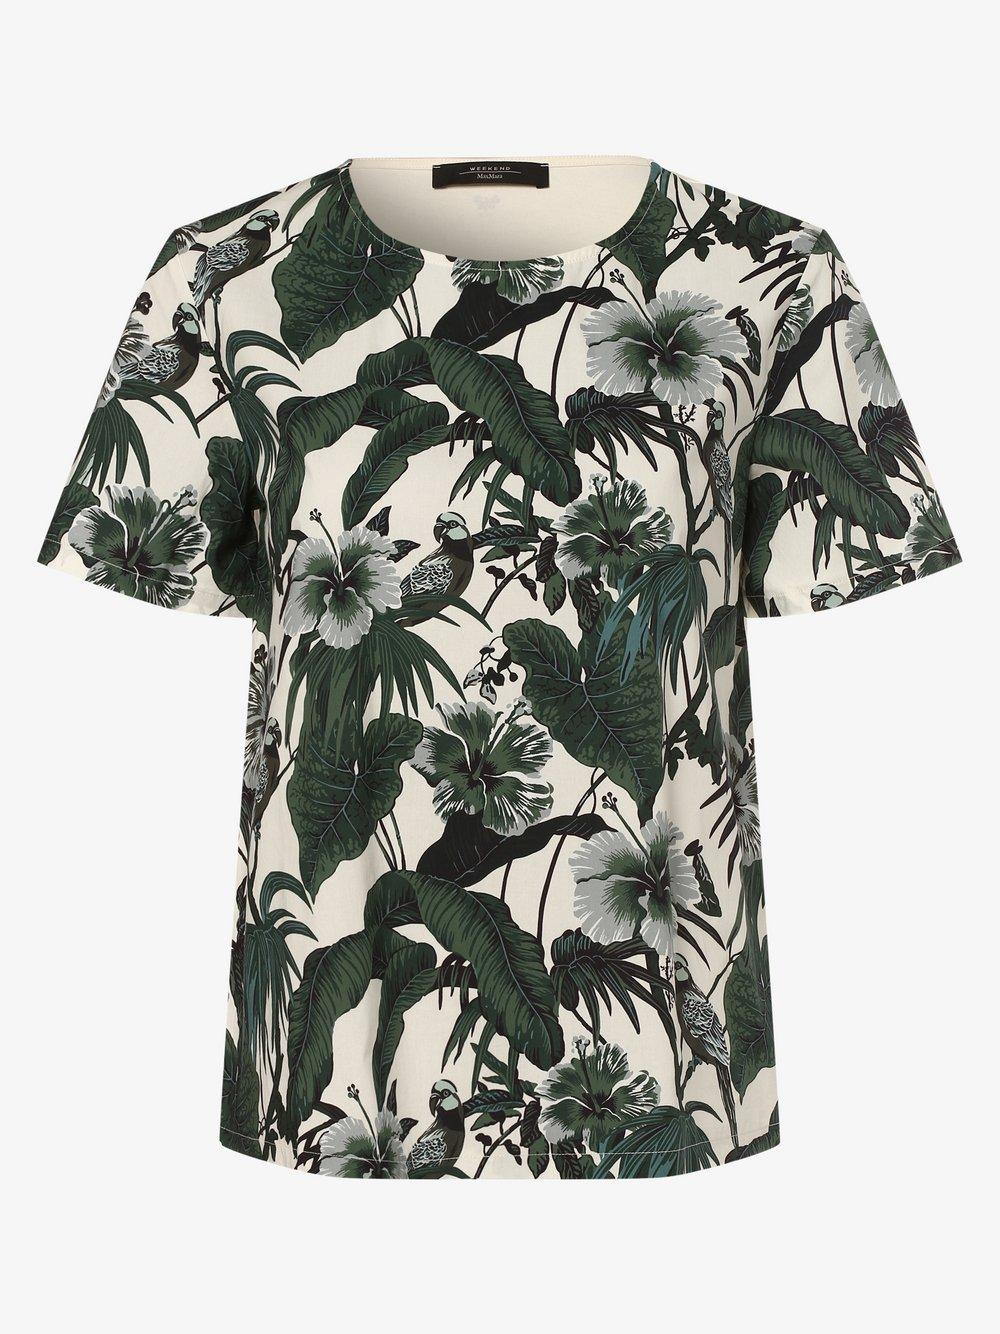 Weekend Max Mara - T-shirt damski – Caco, zielony